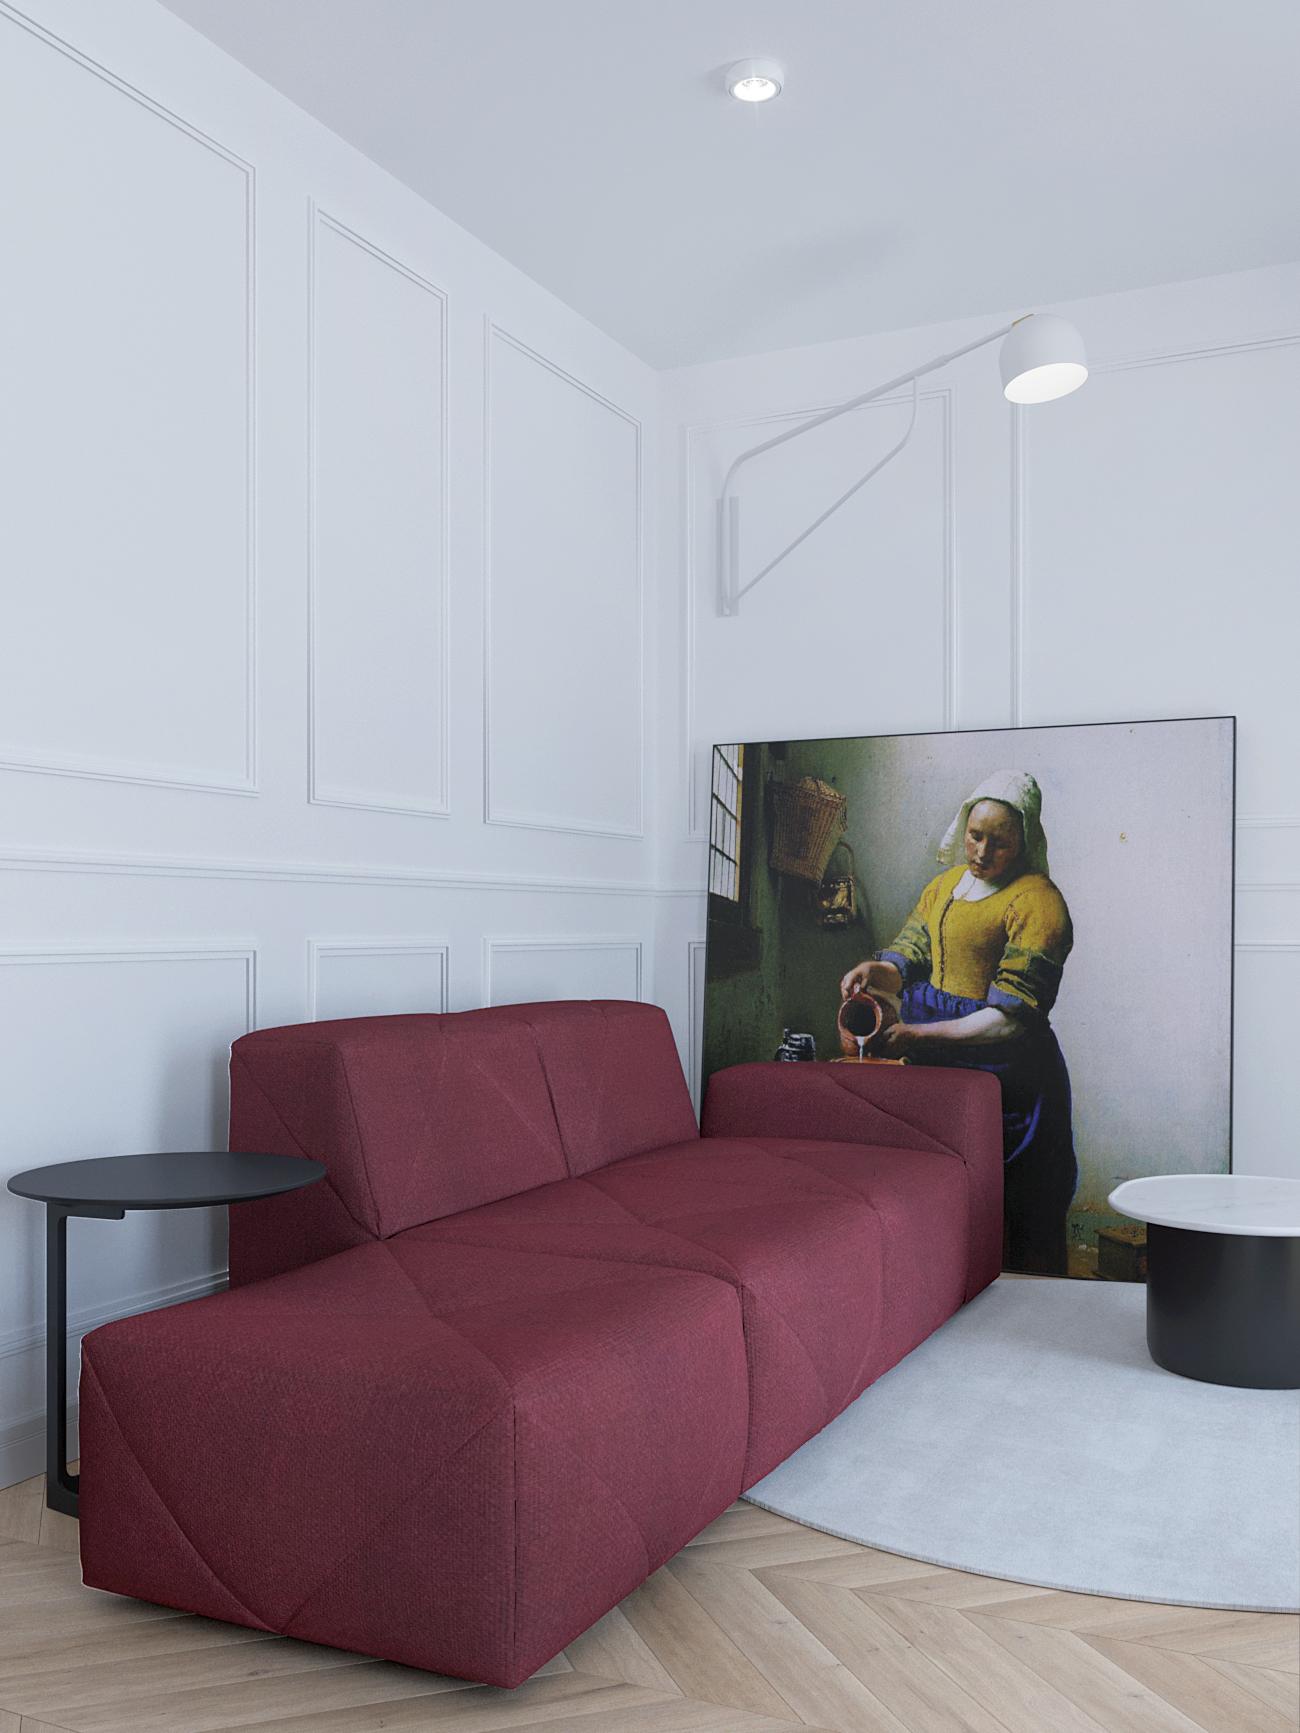 6 projektowanie wnetrz M356 mieszkanie Krakow bordowa sofa listwy dekoracyjne na scianie podloga jodelka